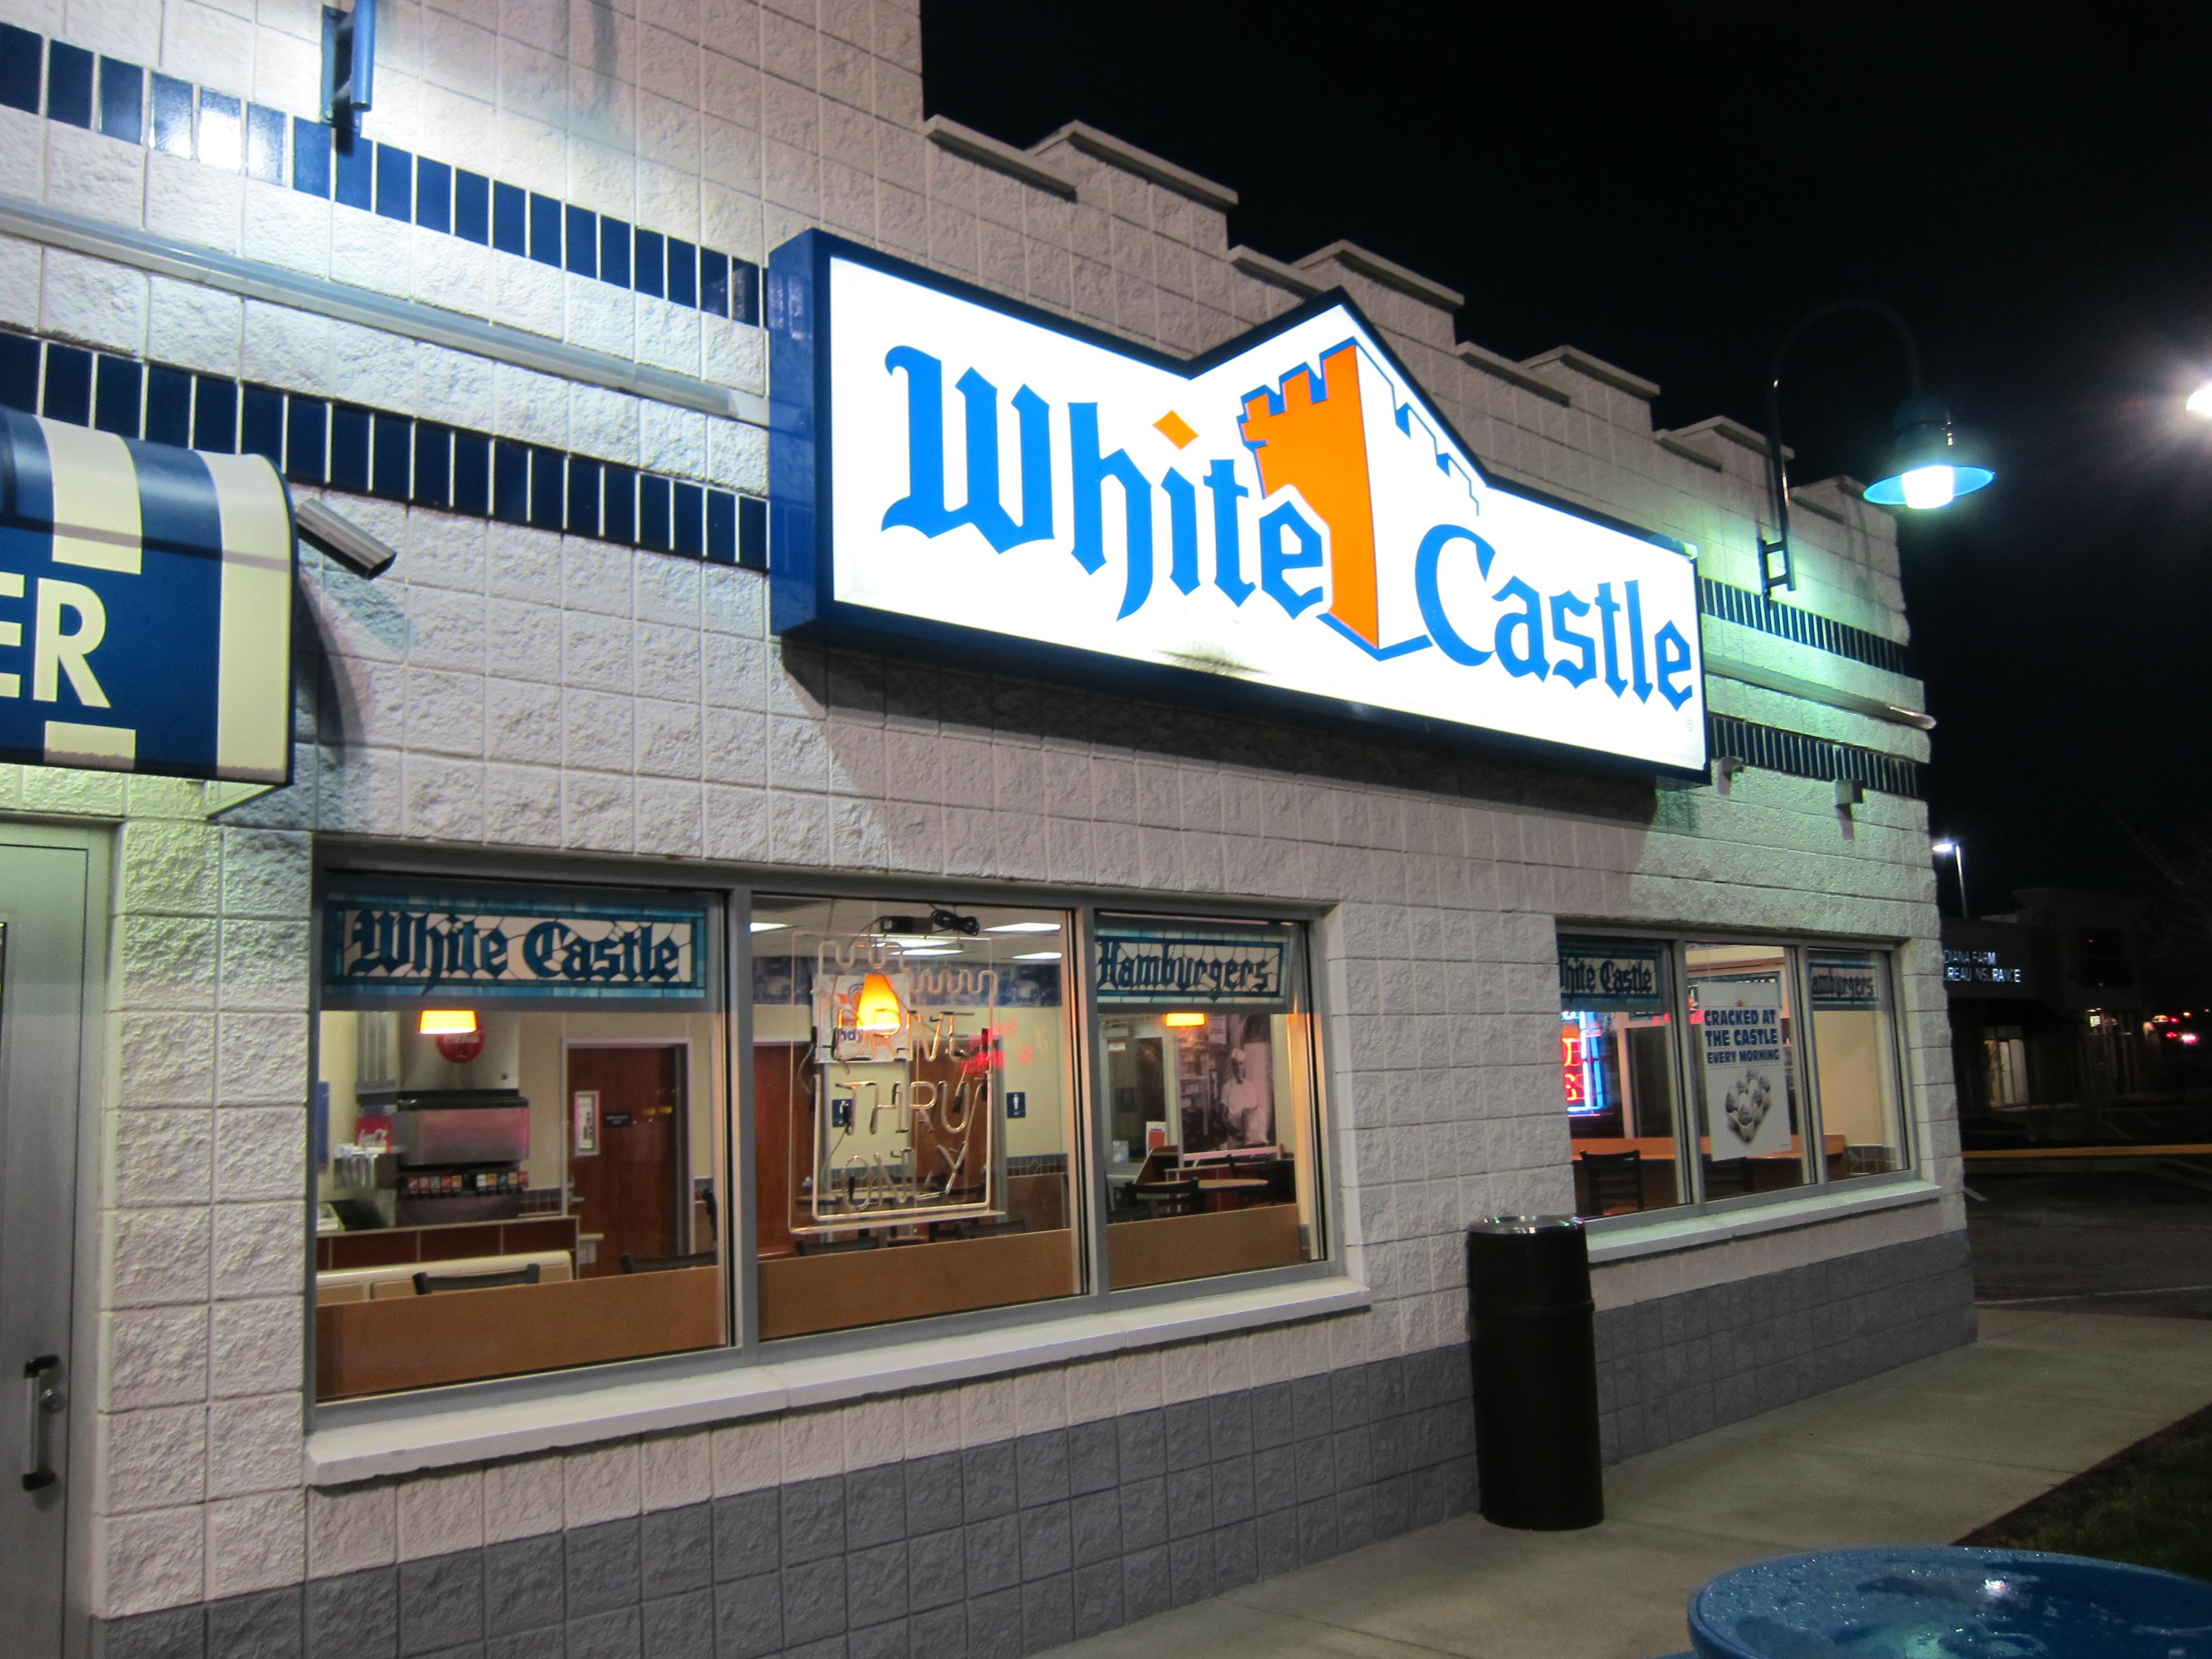 White Castle Restaurant Near Me